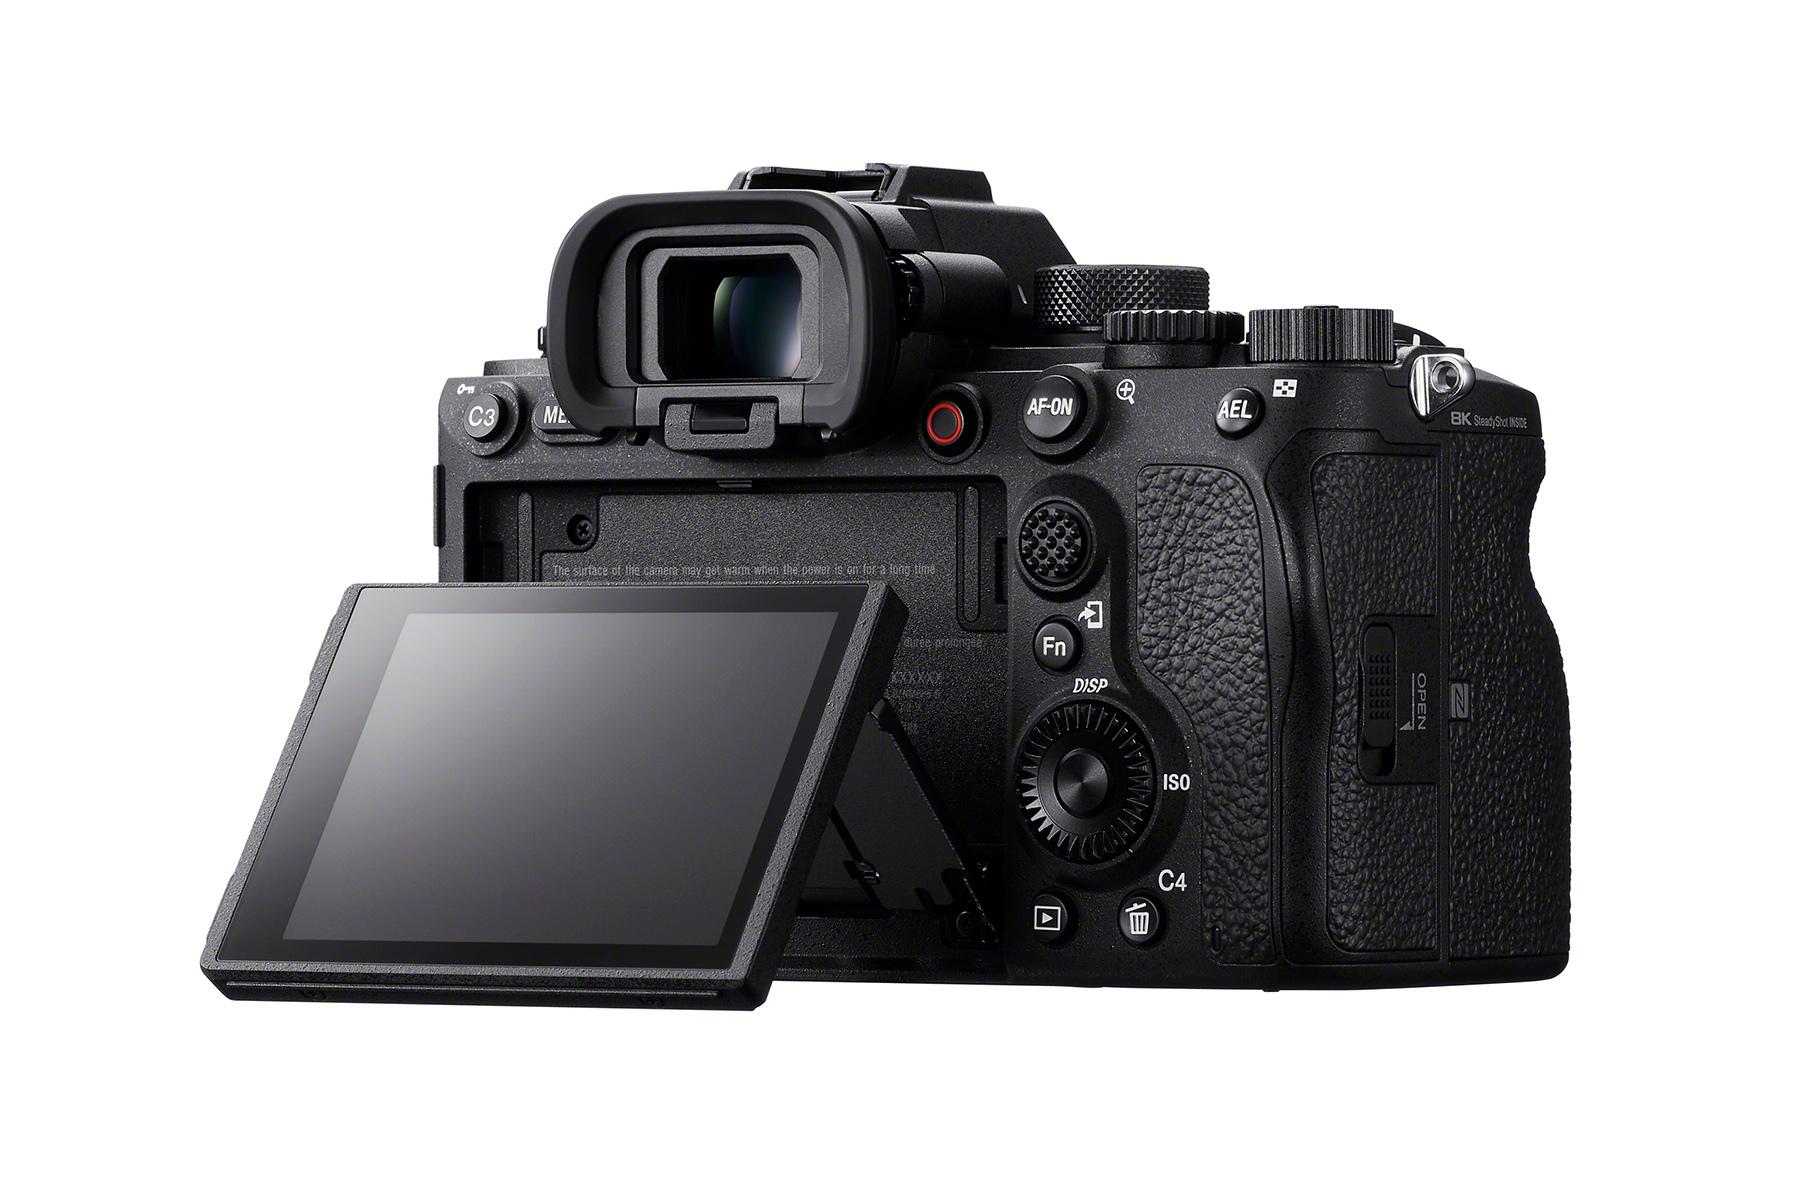 Tech :  L'A1 de Sony est un appareil photo de 6500 $ 50MP qui enregistre des rafales à 30 ips et des vidéos 8K  infos , tests